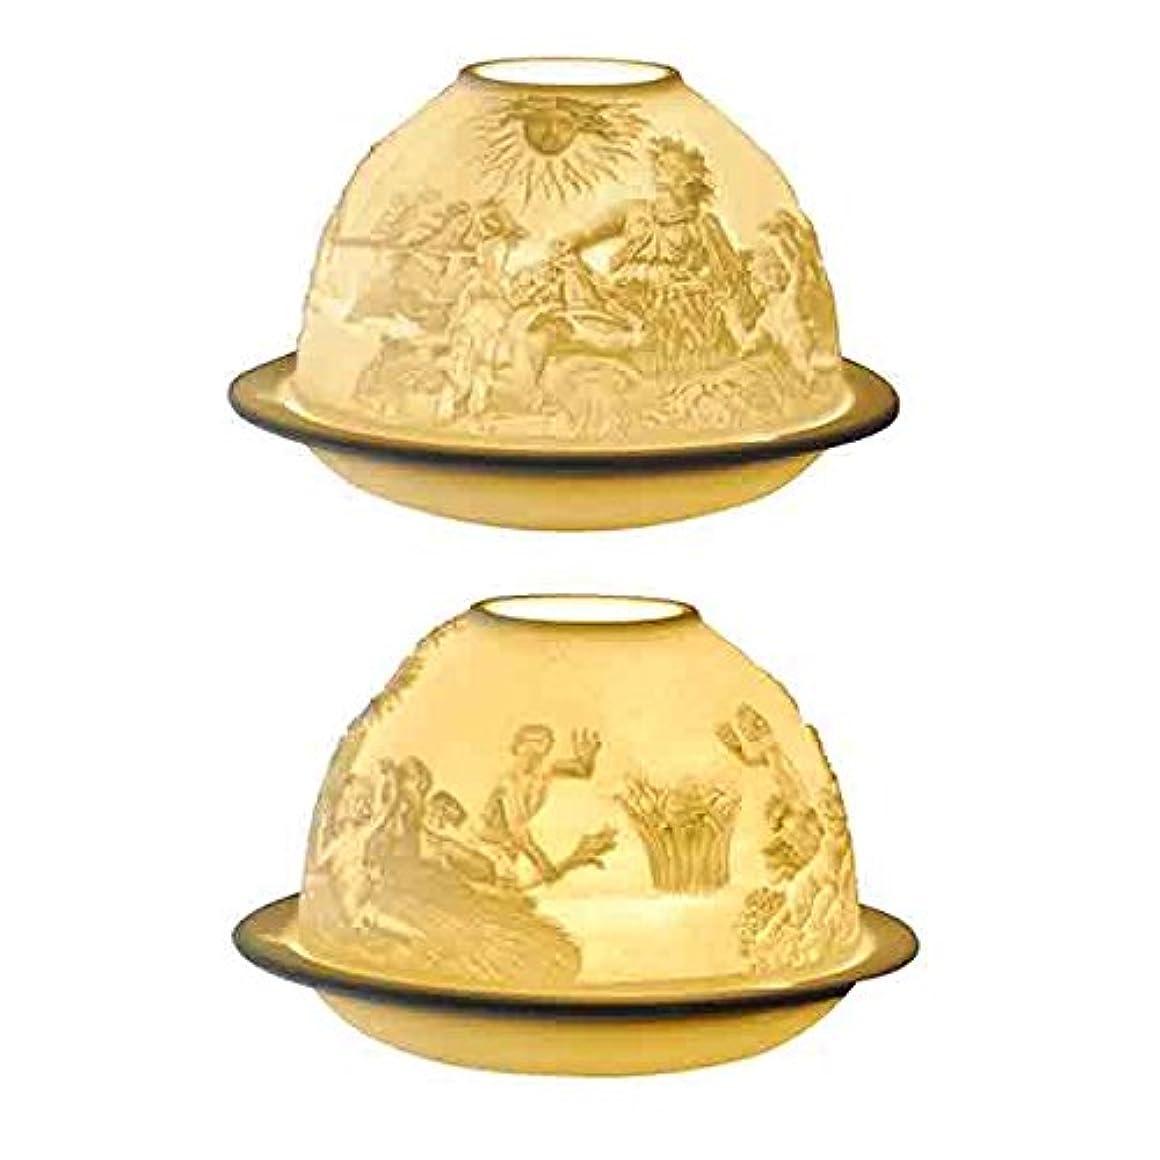 両方報奨金成功するベルナルド[BERNARDAUD] キャンドル用リトファニー ランプ 「ヴェルサイユ宮殿の大噴水」フランス製 リモージュ